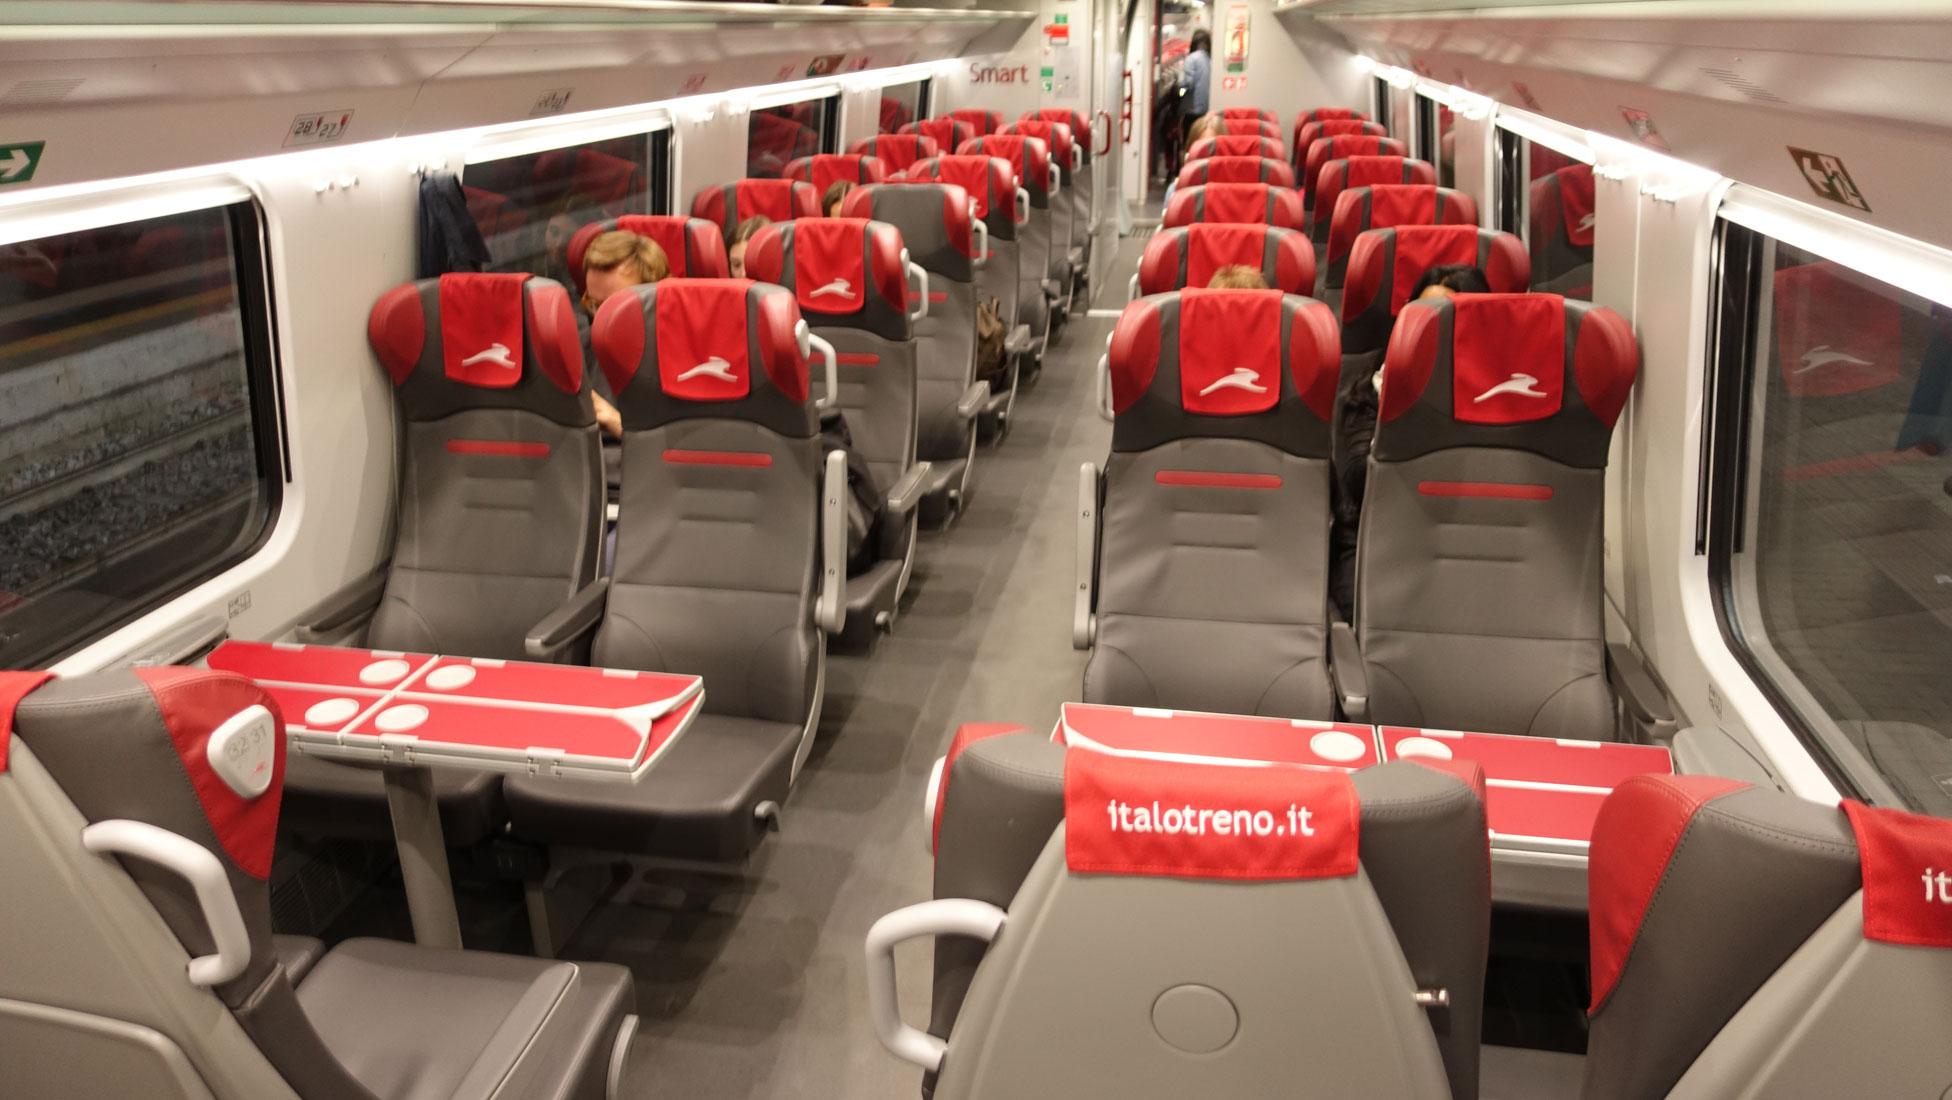 ITALO TRAINS | Italo tickets from €15